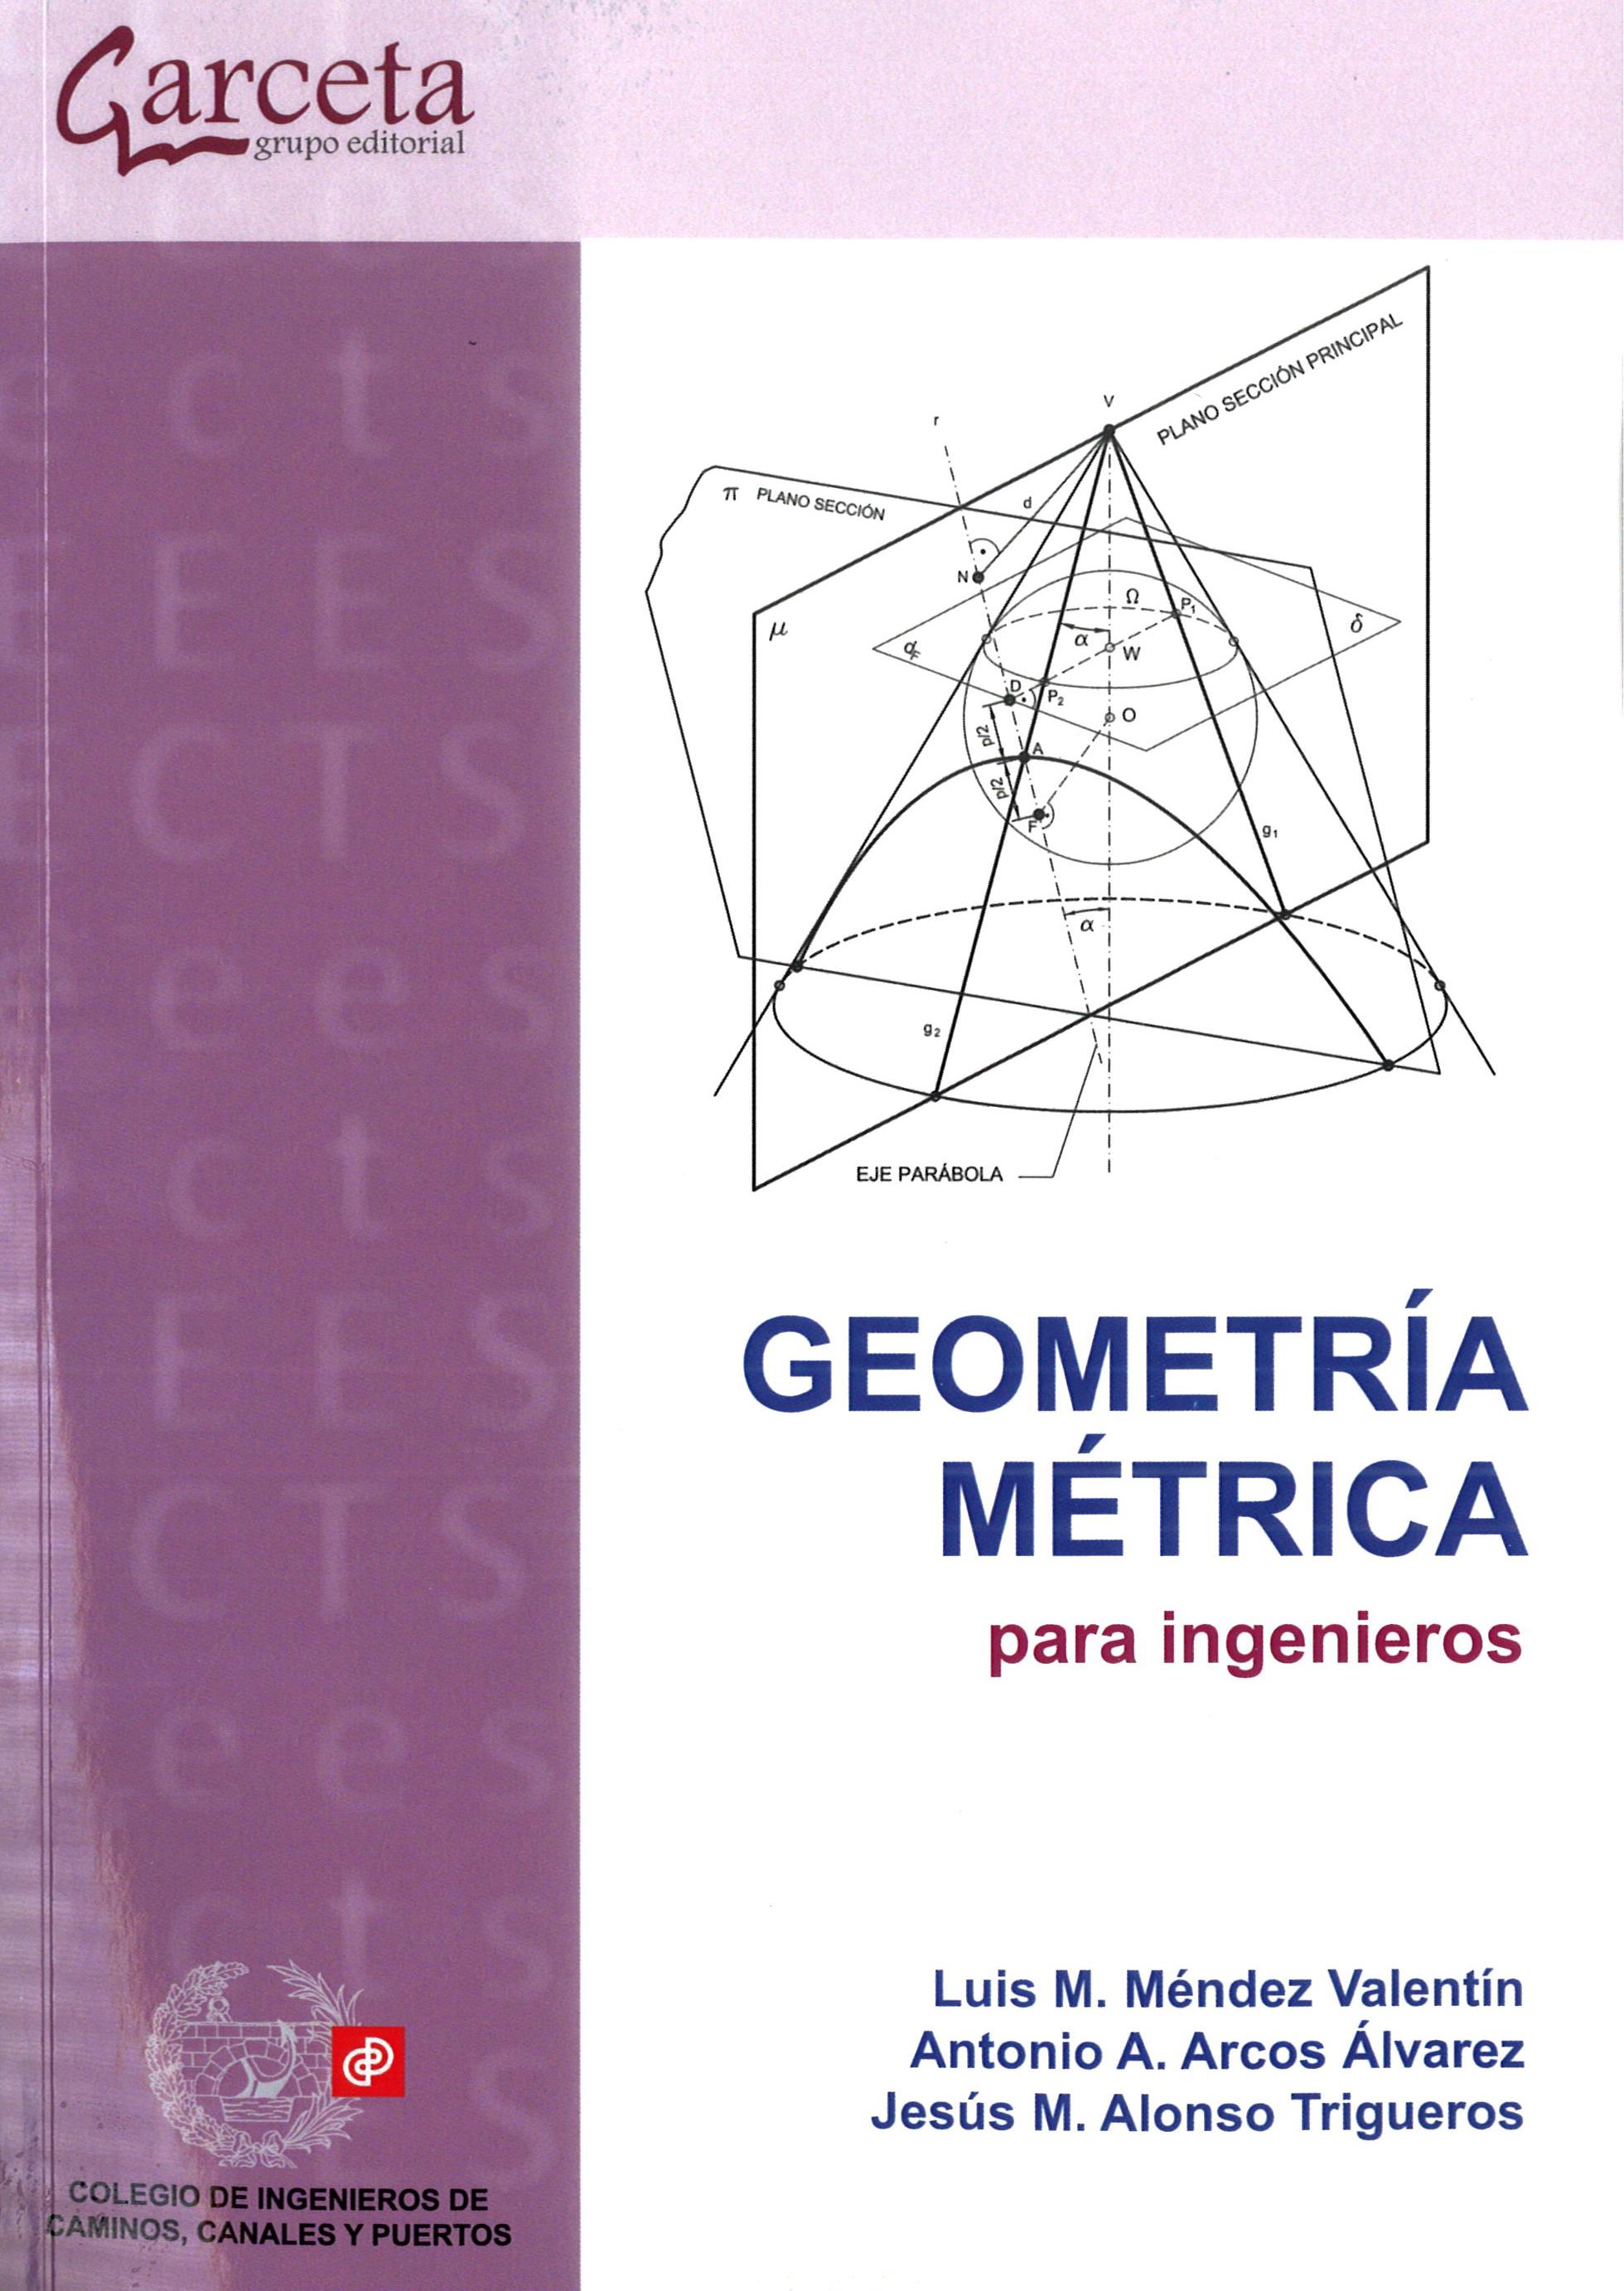 geometria metrica